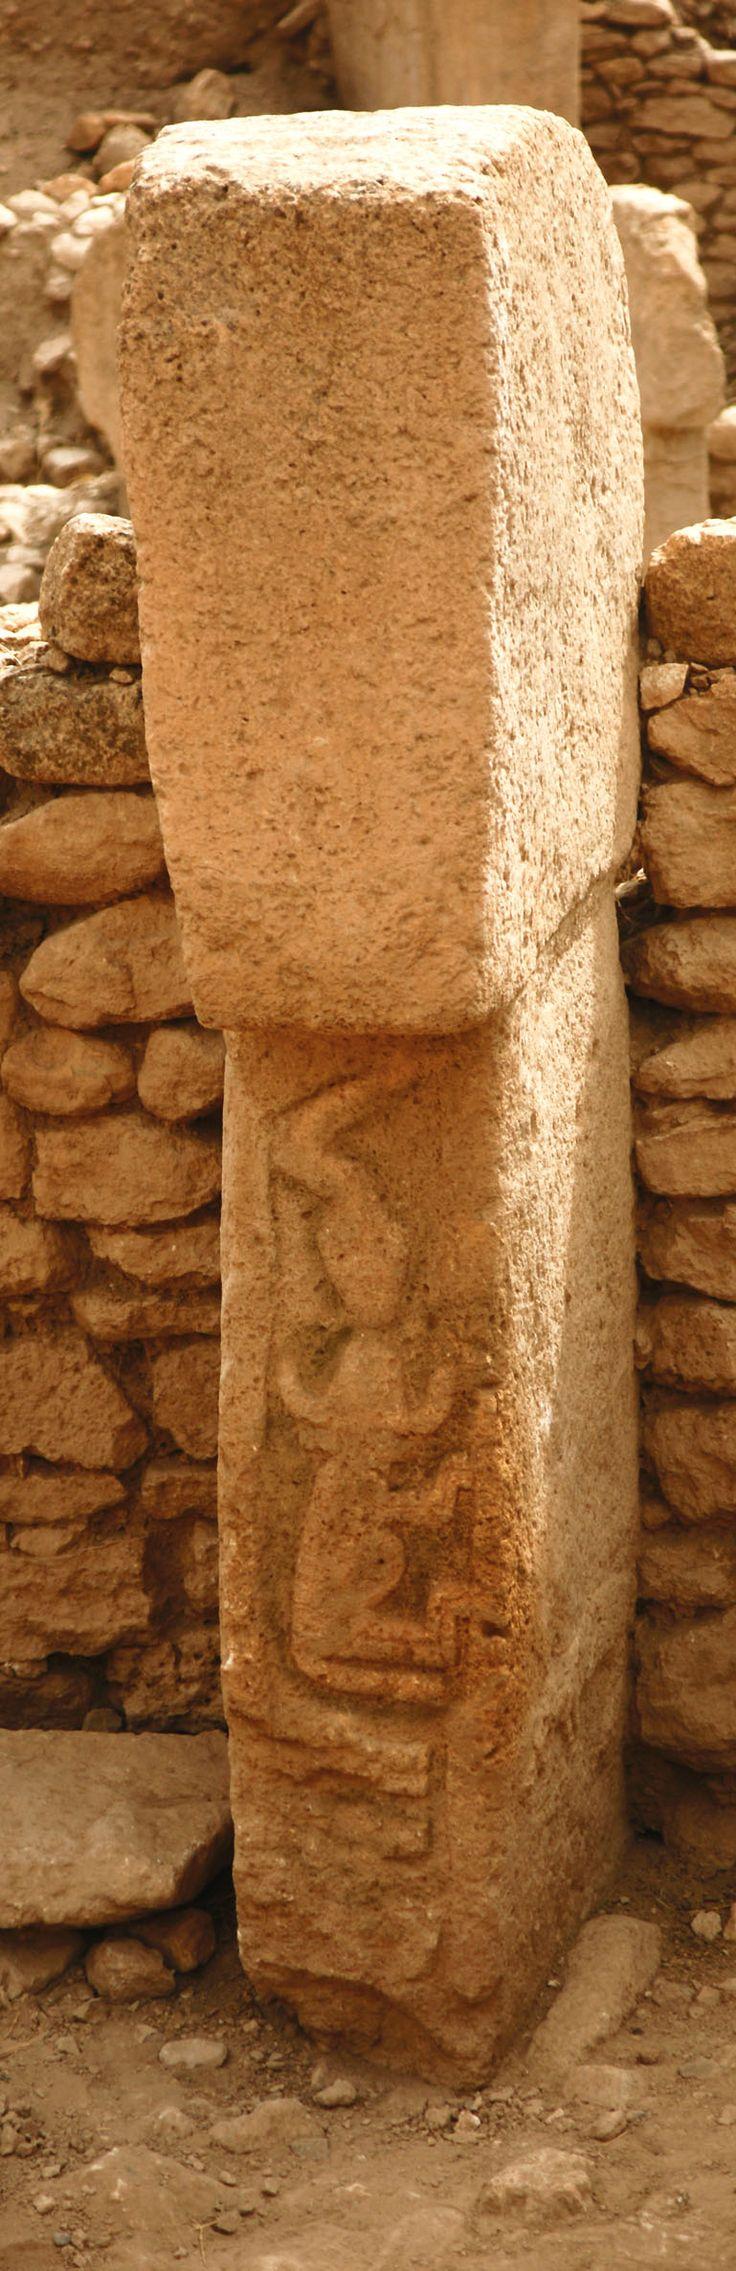 Göbeklitepe- Urfa, 9600 BC (11.600 years ago)photography: Erdinç Bakla (2012)